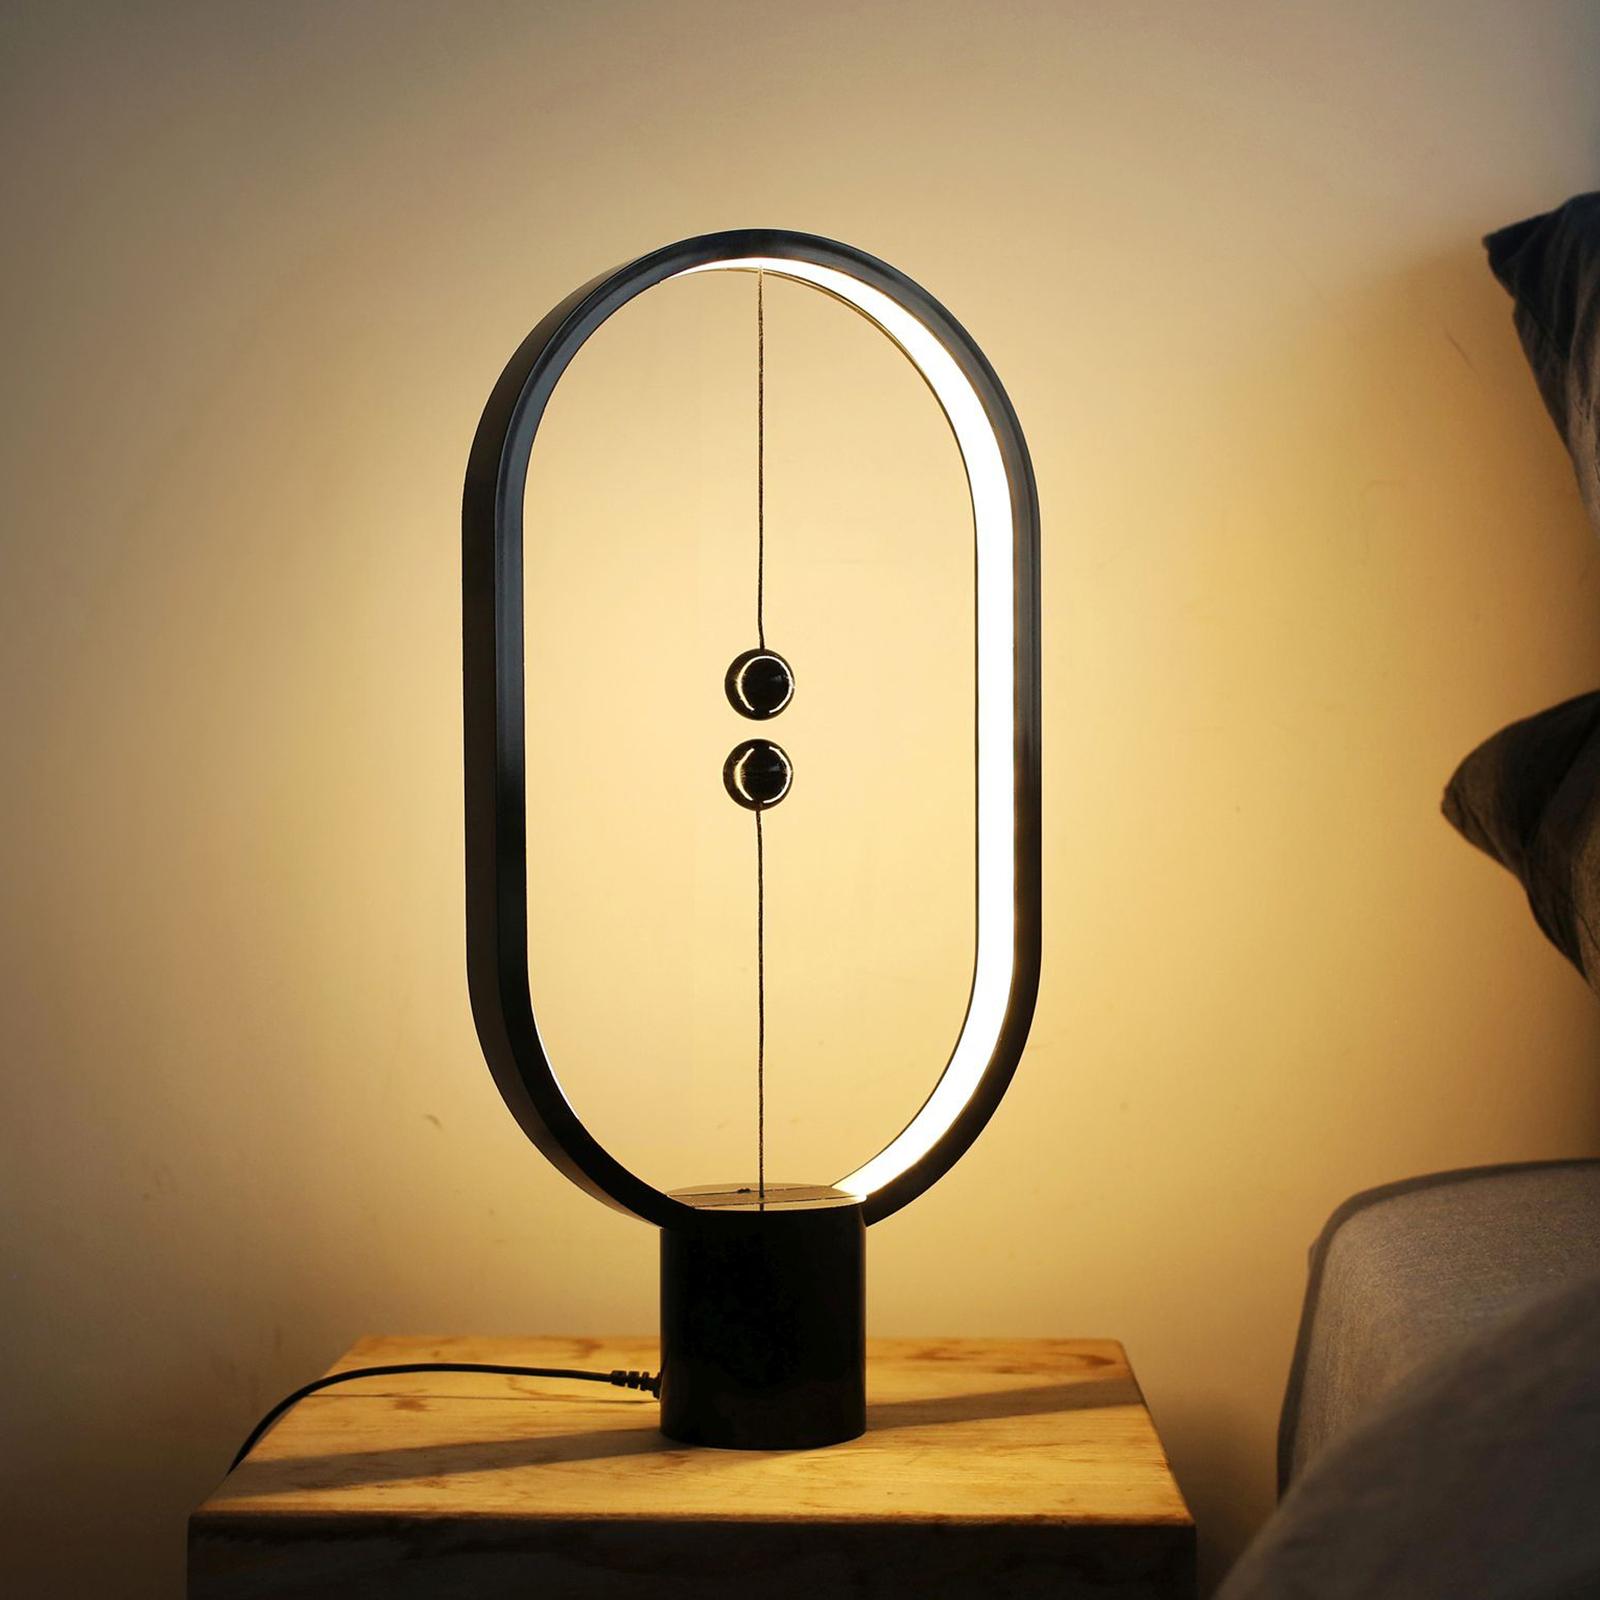 SEGULA Heng Balance lampa stołowa LED, czarna